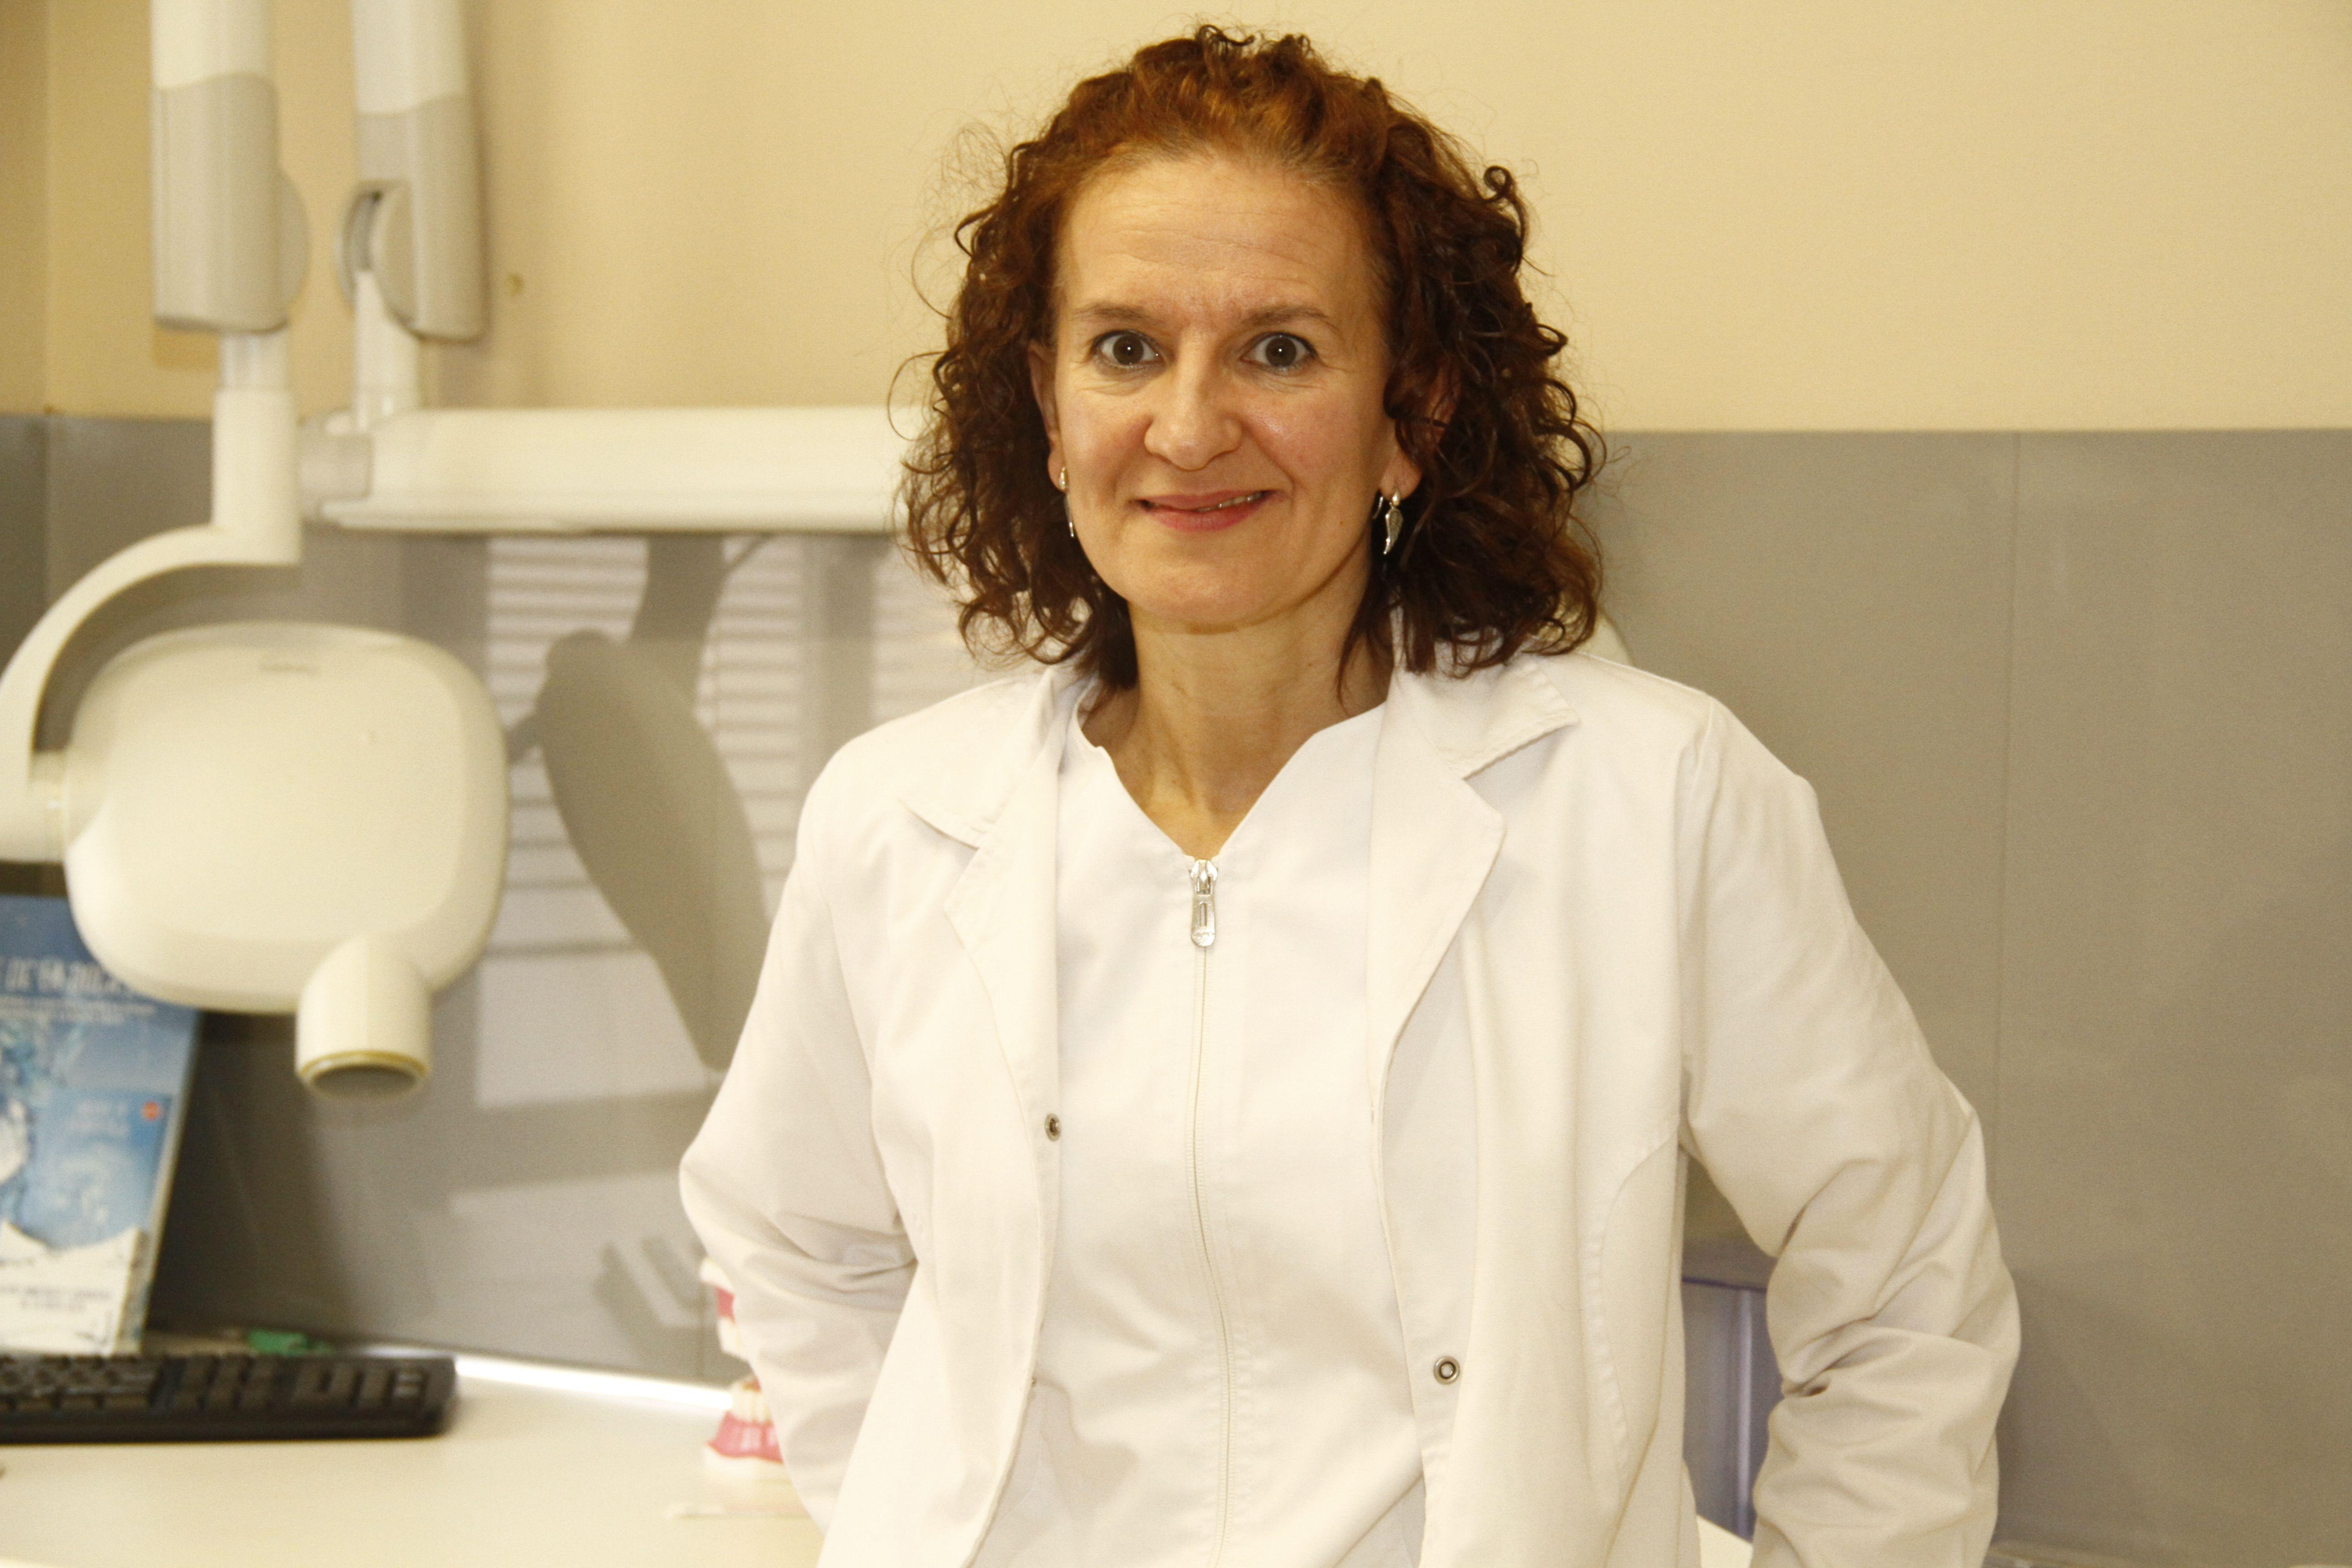 Susana Miguelez - Coordinadora de Clínica Vargas Ridao